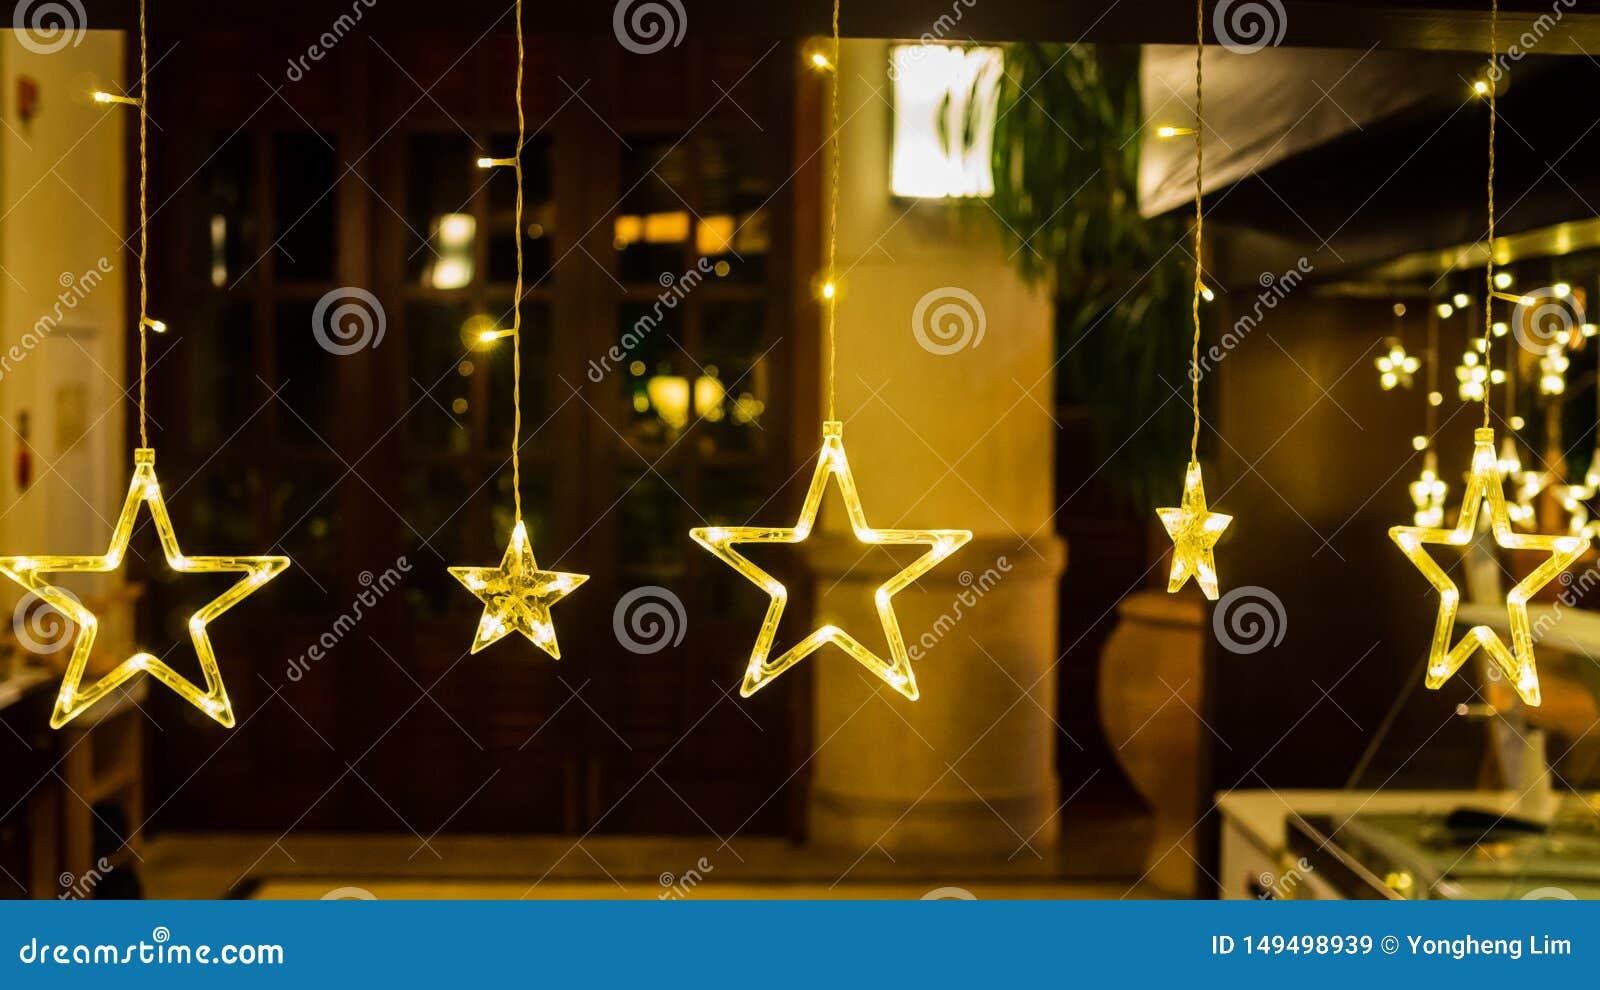 Электрические звезды с теплыми желтыми светами против отраженного фона